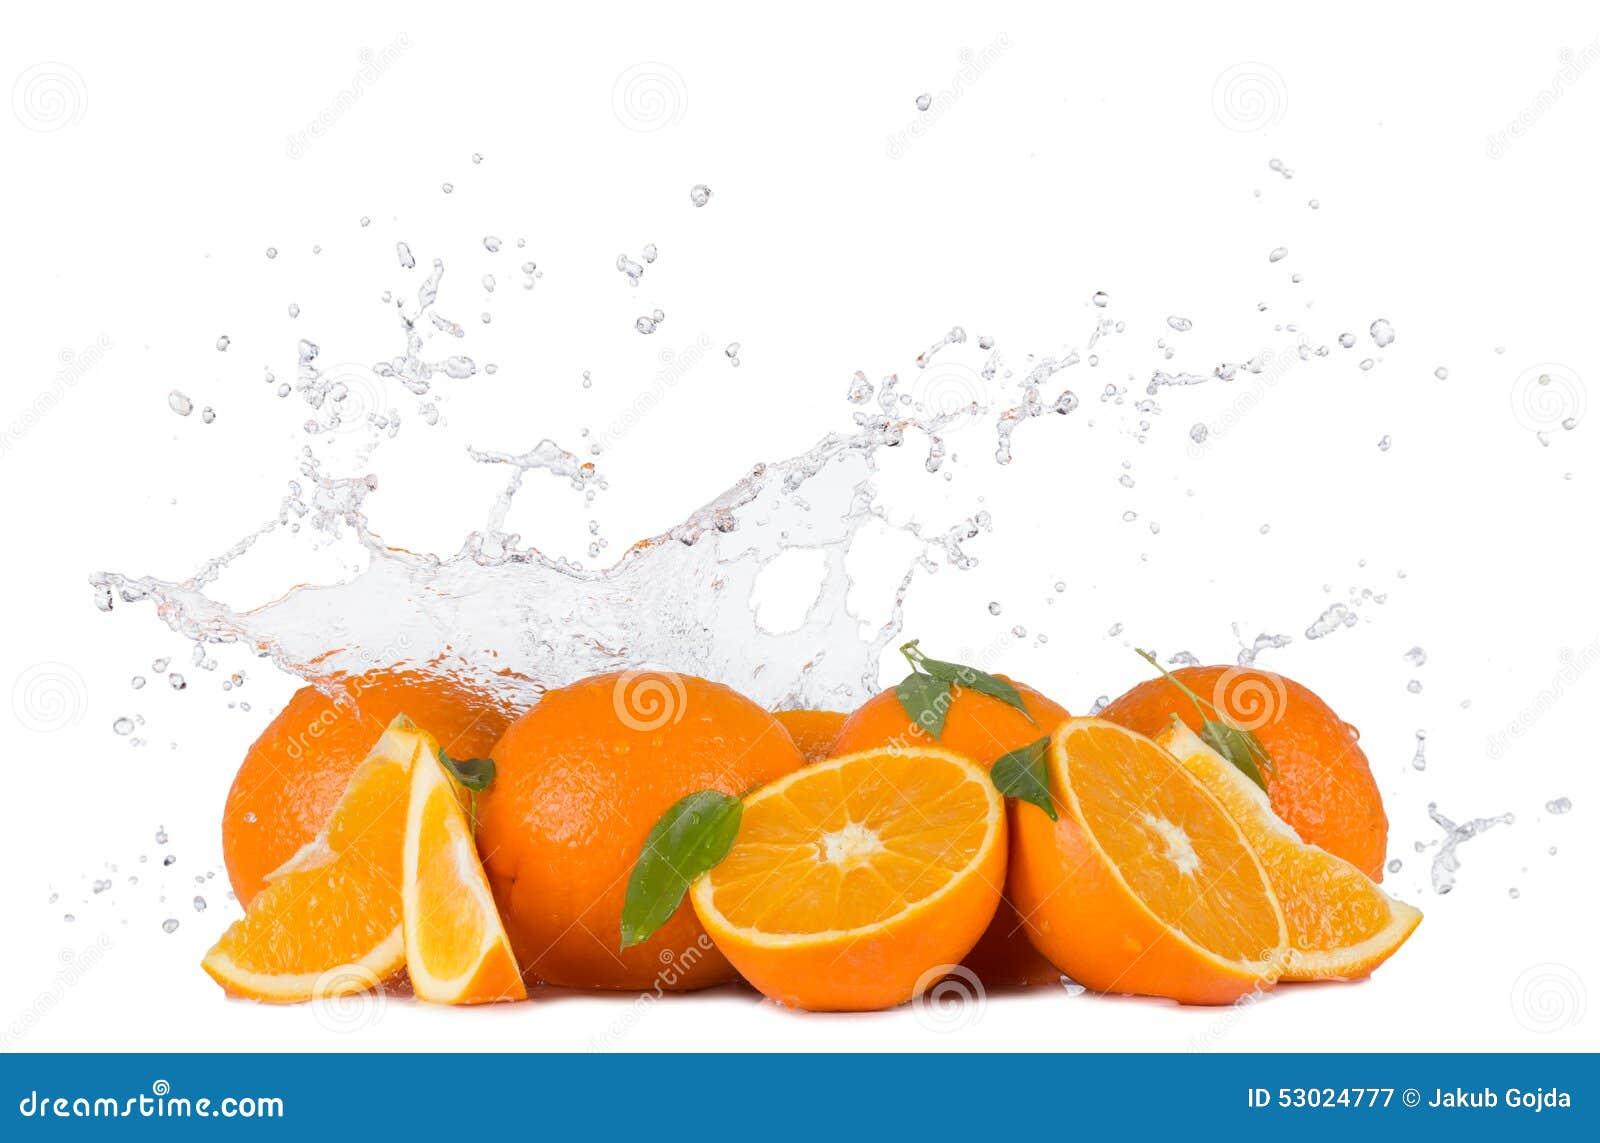 orangen mit wasser spritzt auf wei em hintergrund. Black Bedroom Furniture Sets. Home Design Ideas